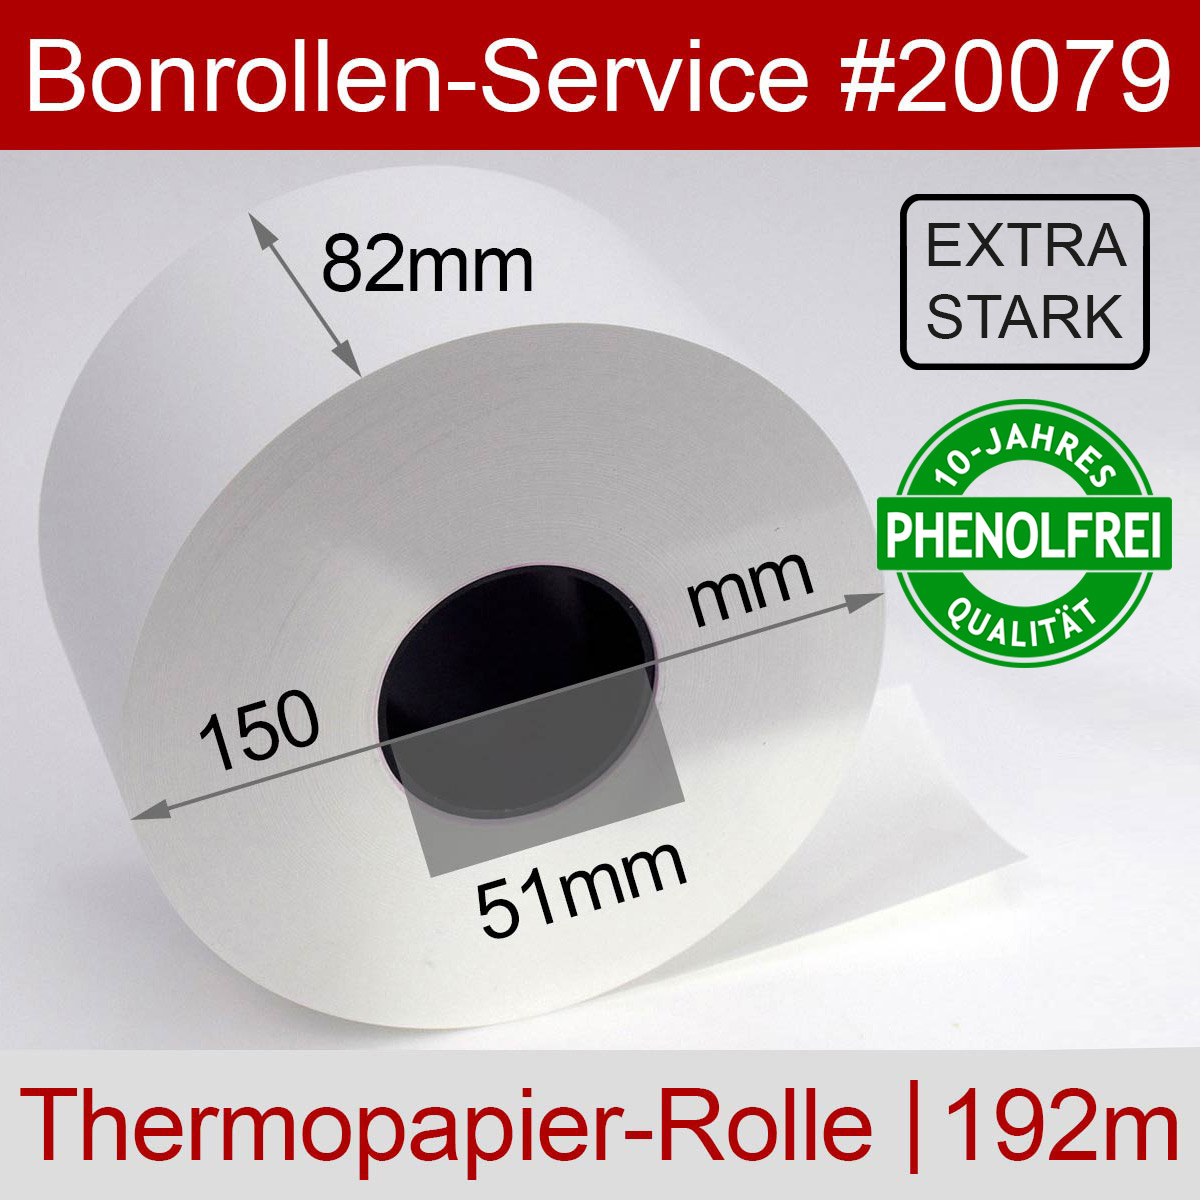 Phenolfreie Automatenrollen 82 / 150 / 51 weiß mit extra-starkem Thermopapier - Detailansicht